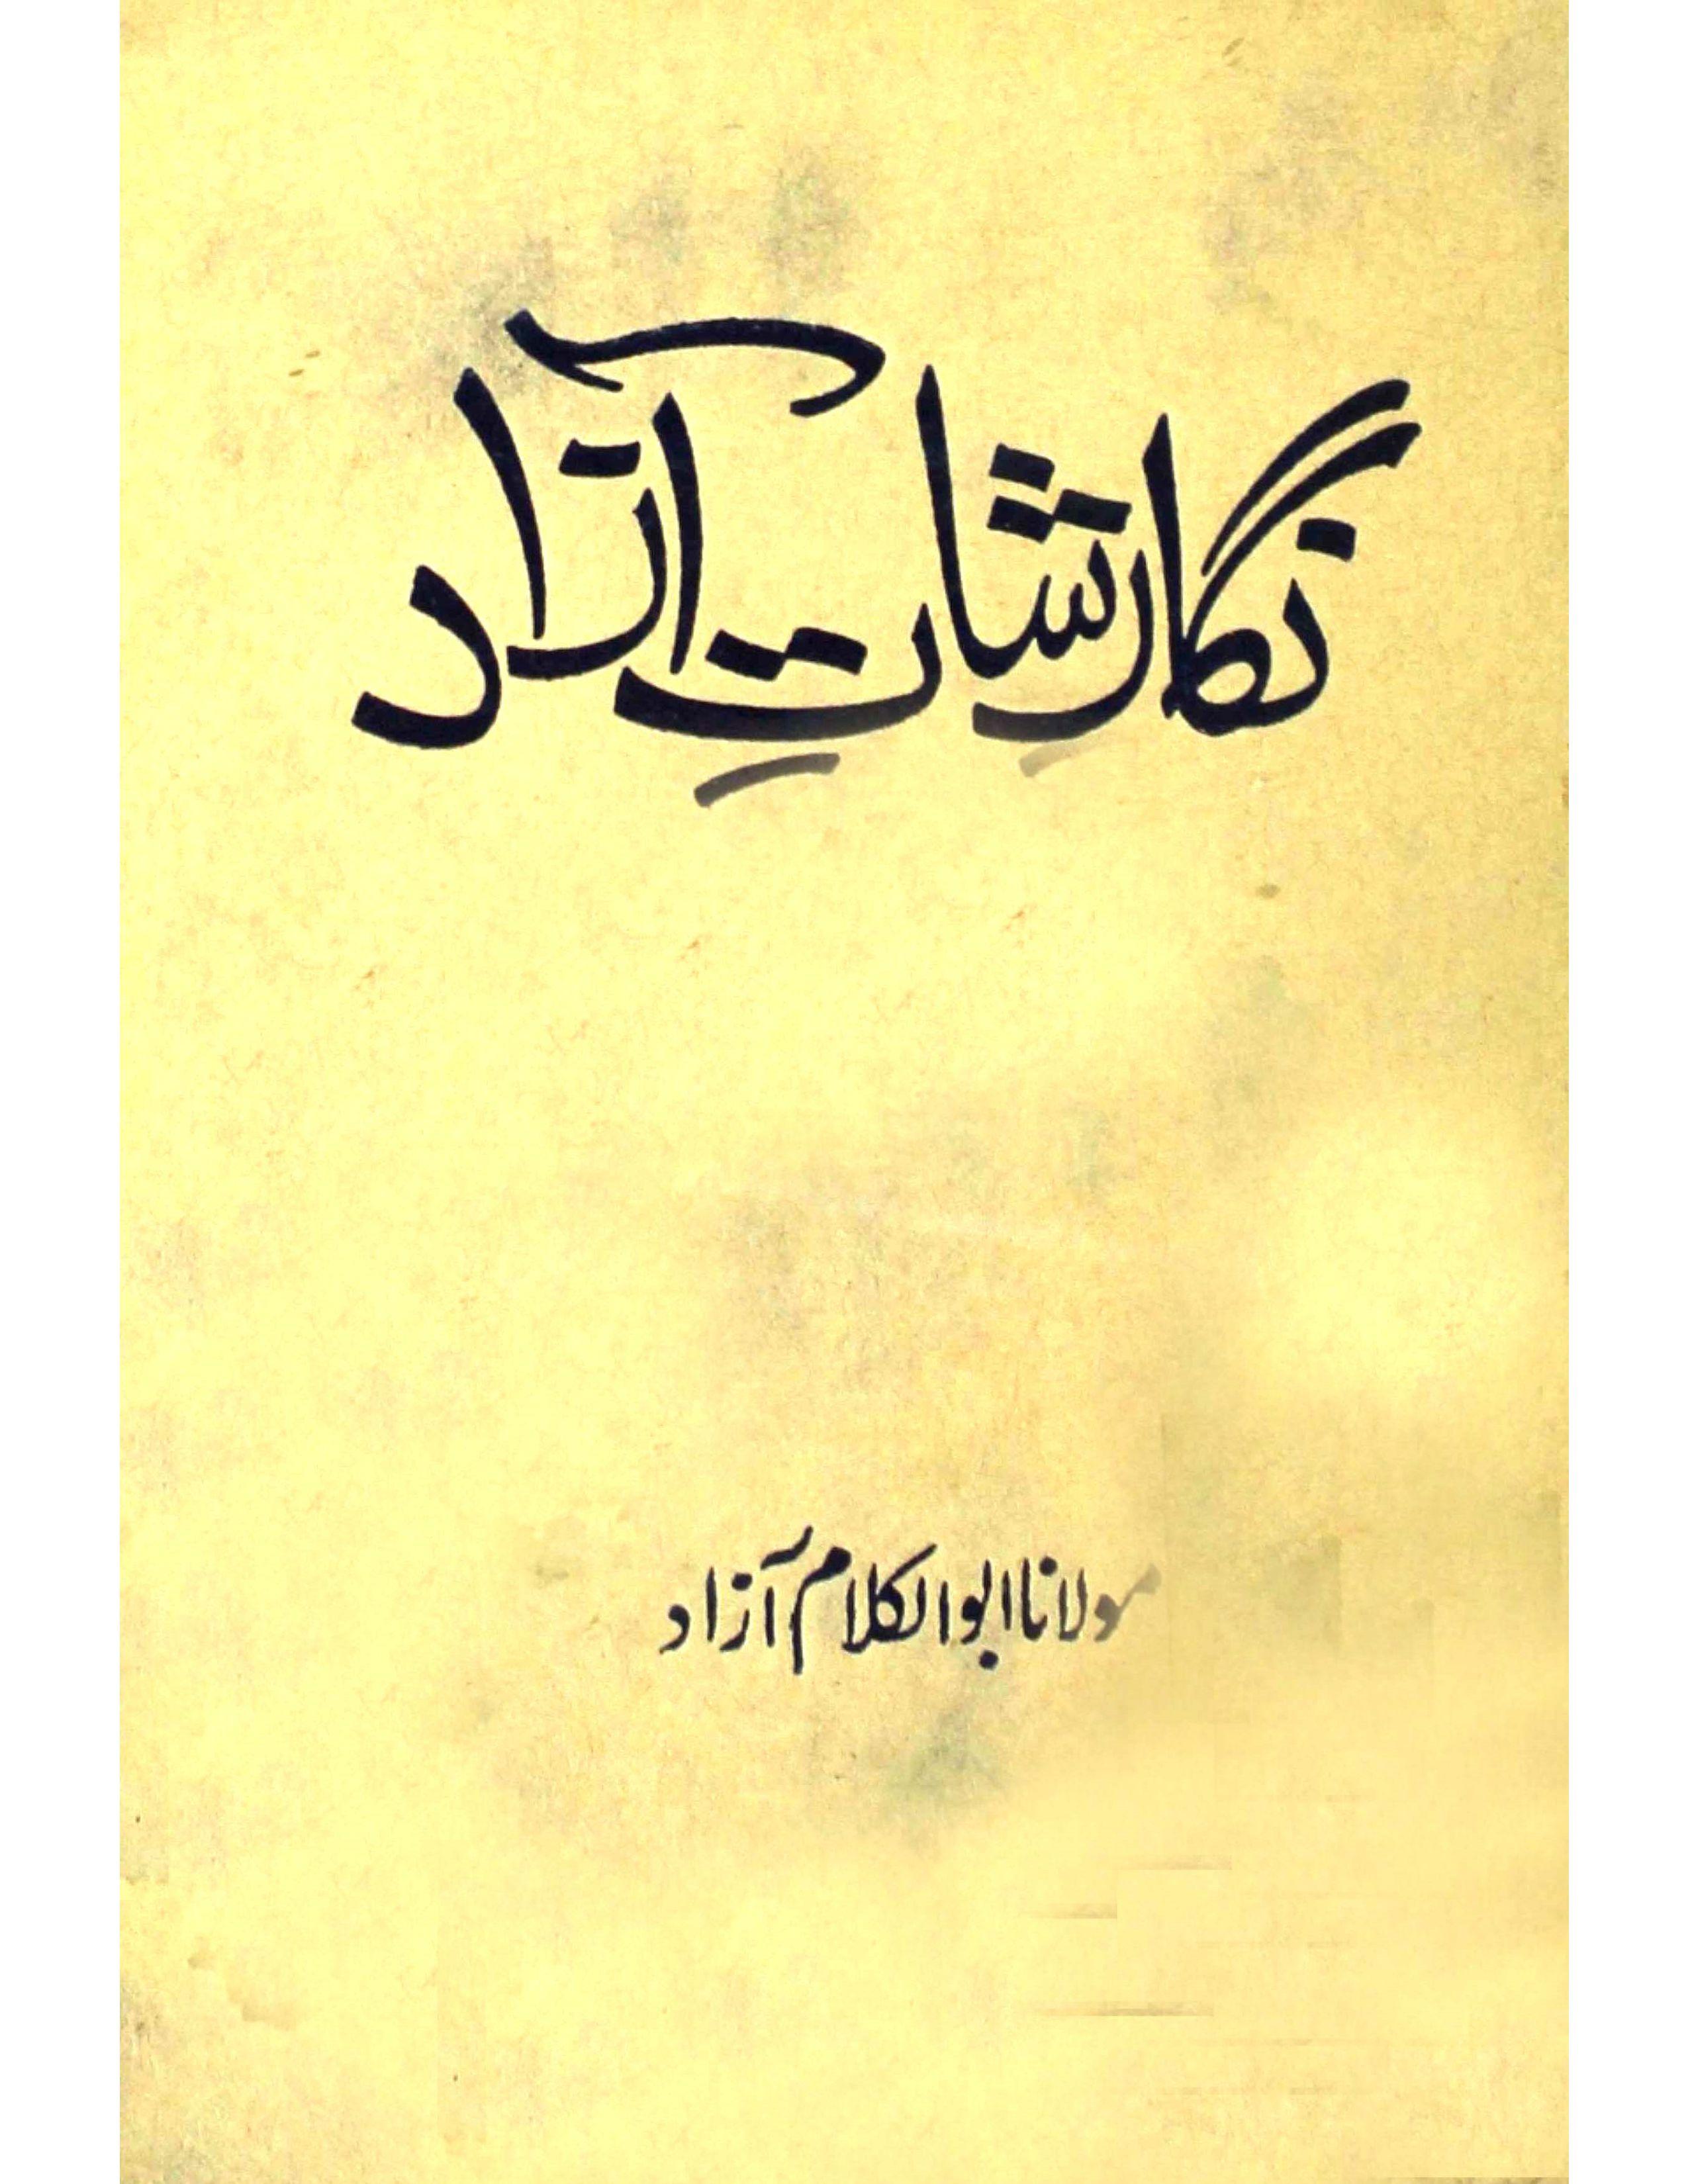 Nigarishat-e-Aazad